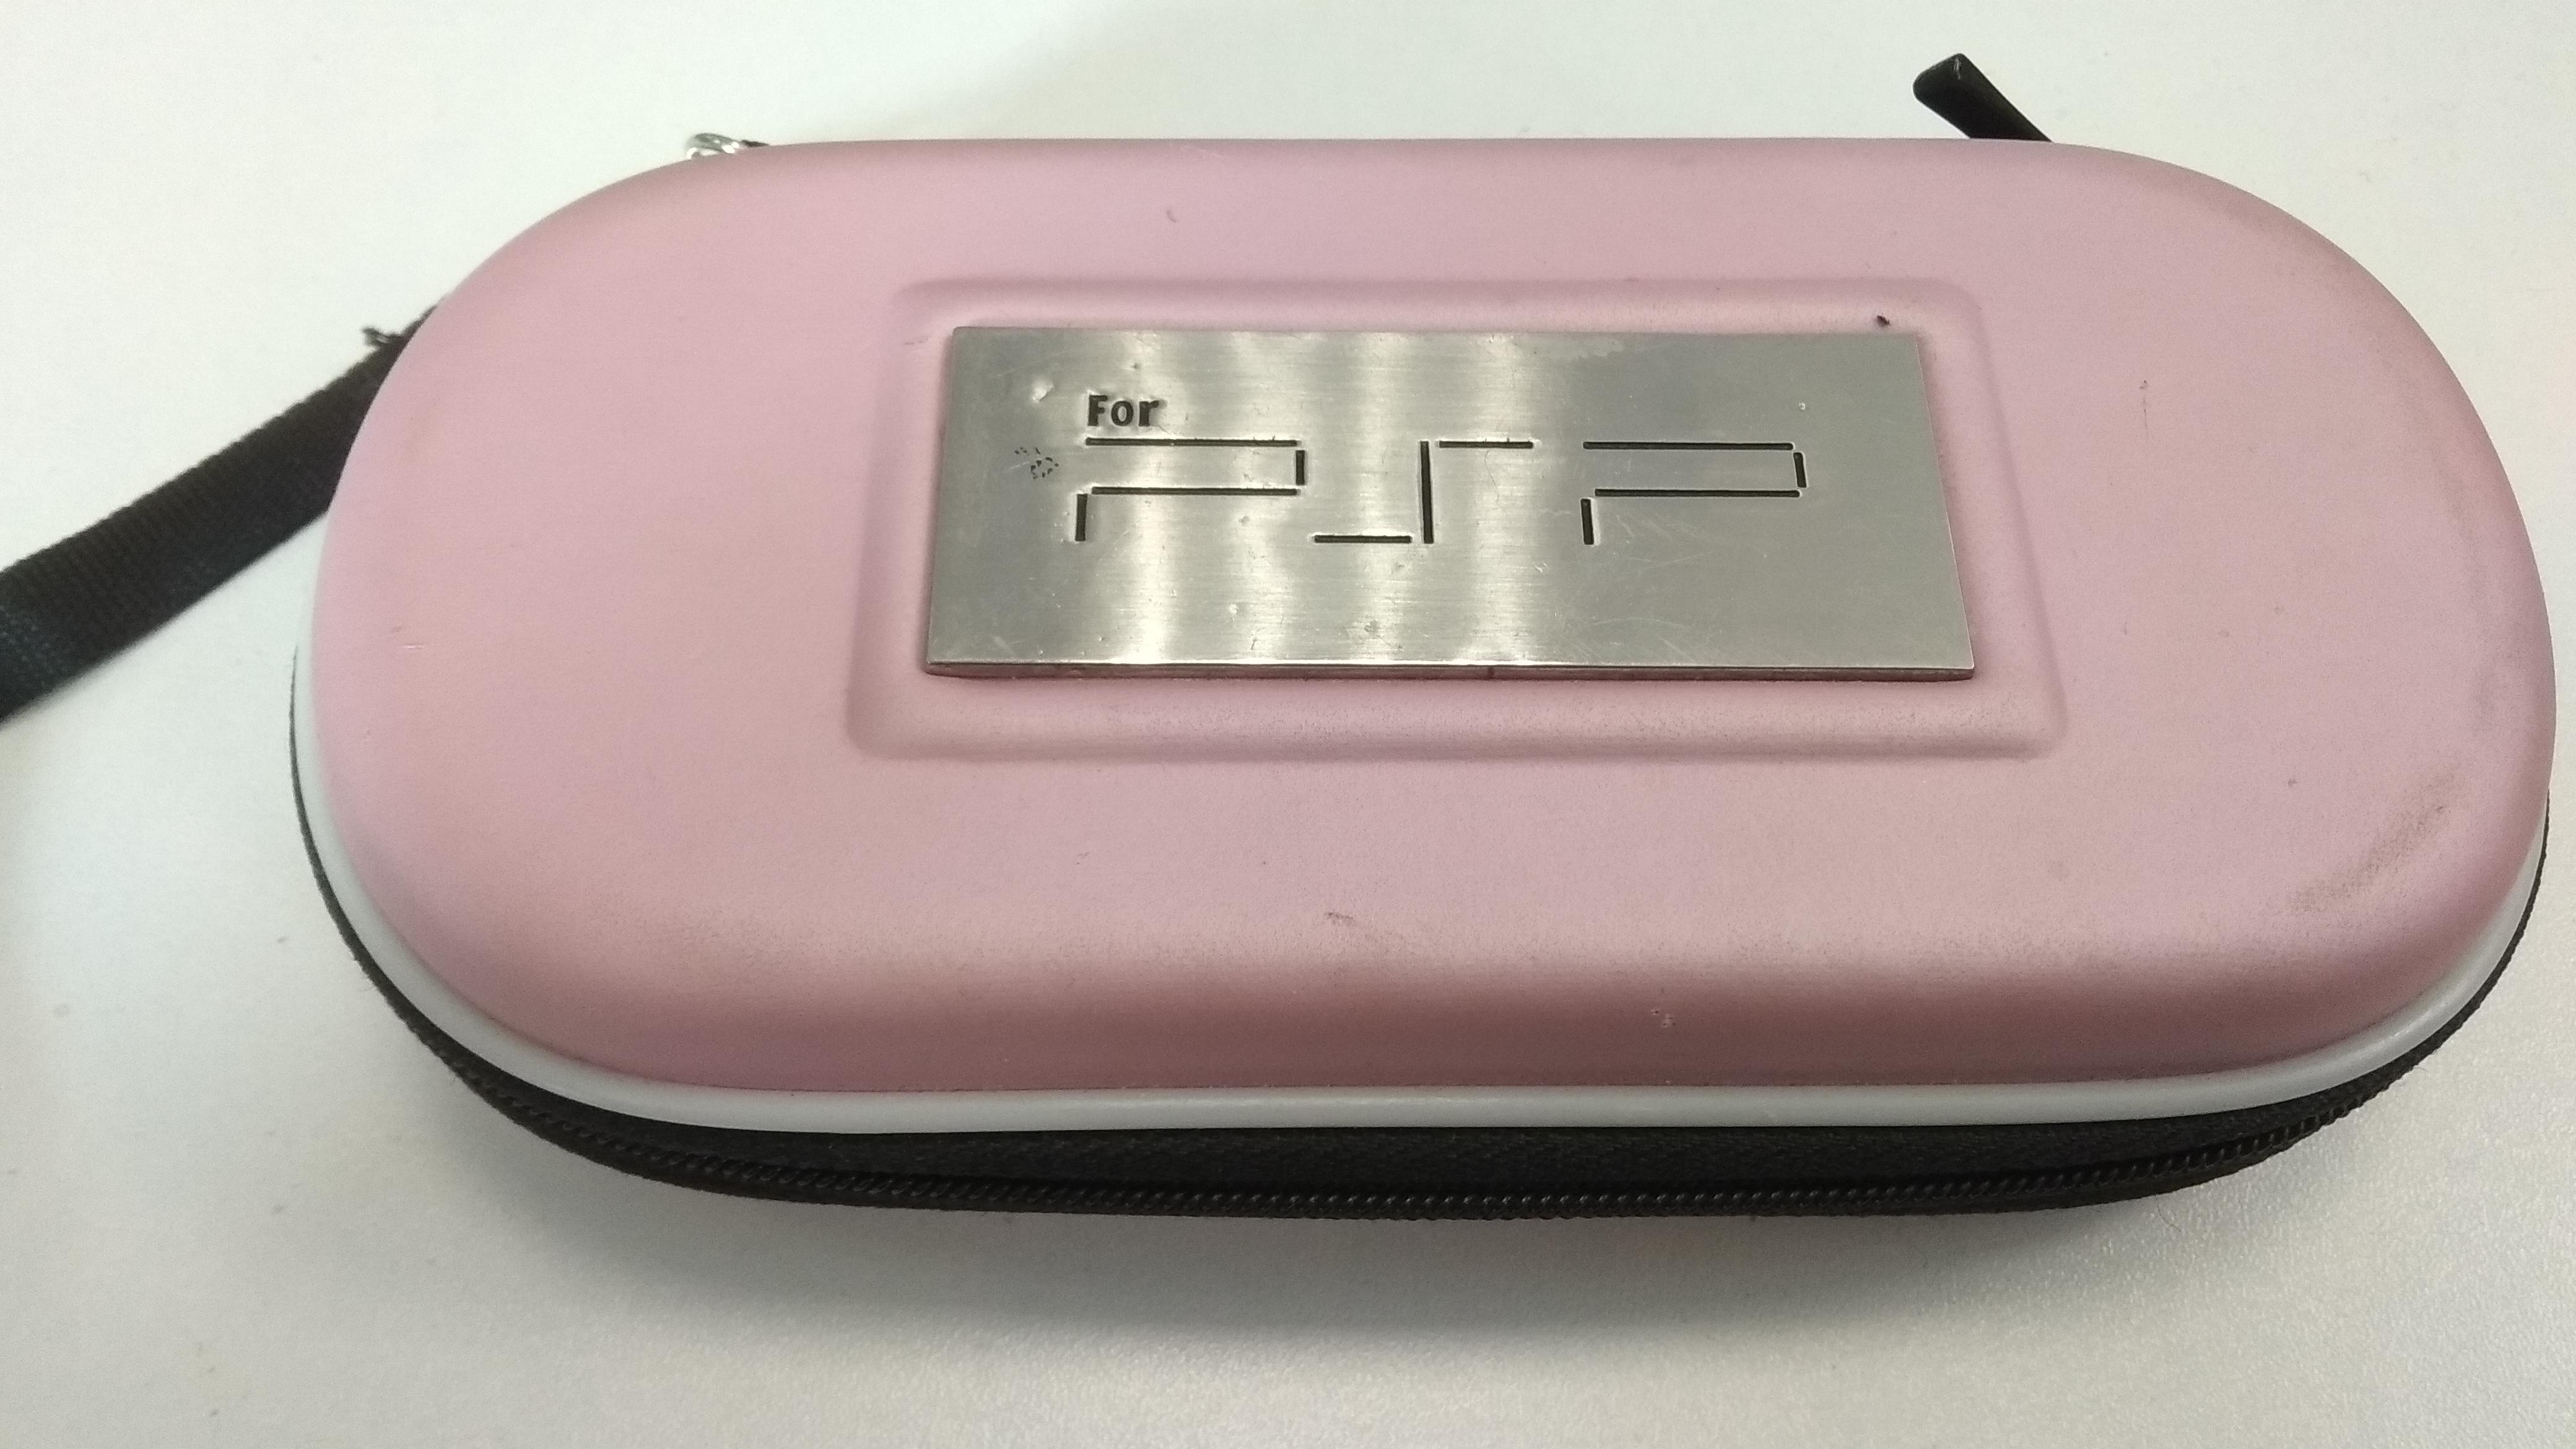 [PSP] Pouzdro růžové (estetická vada)